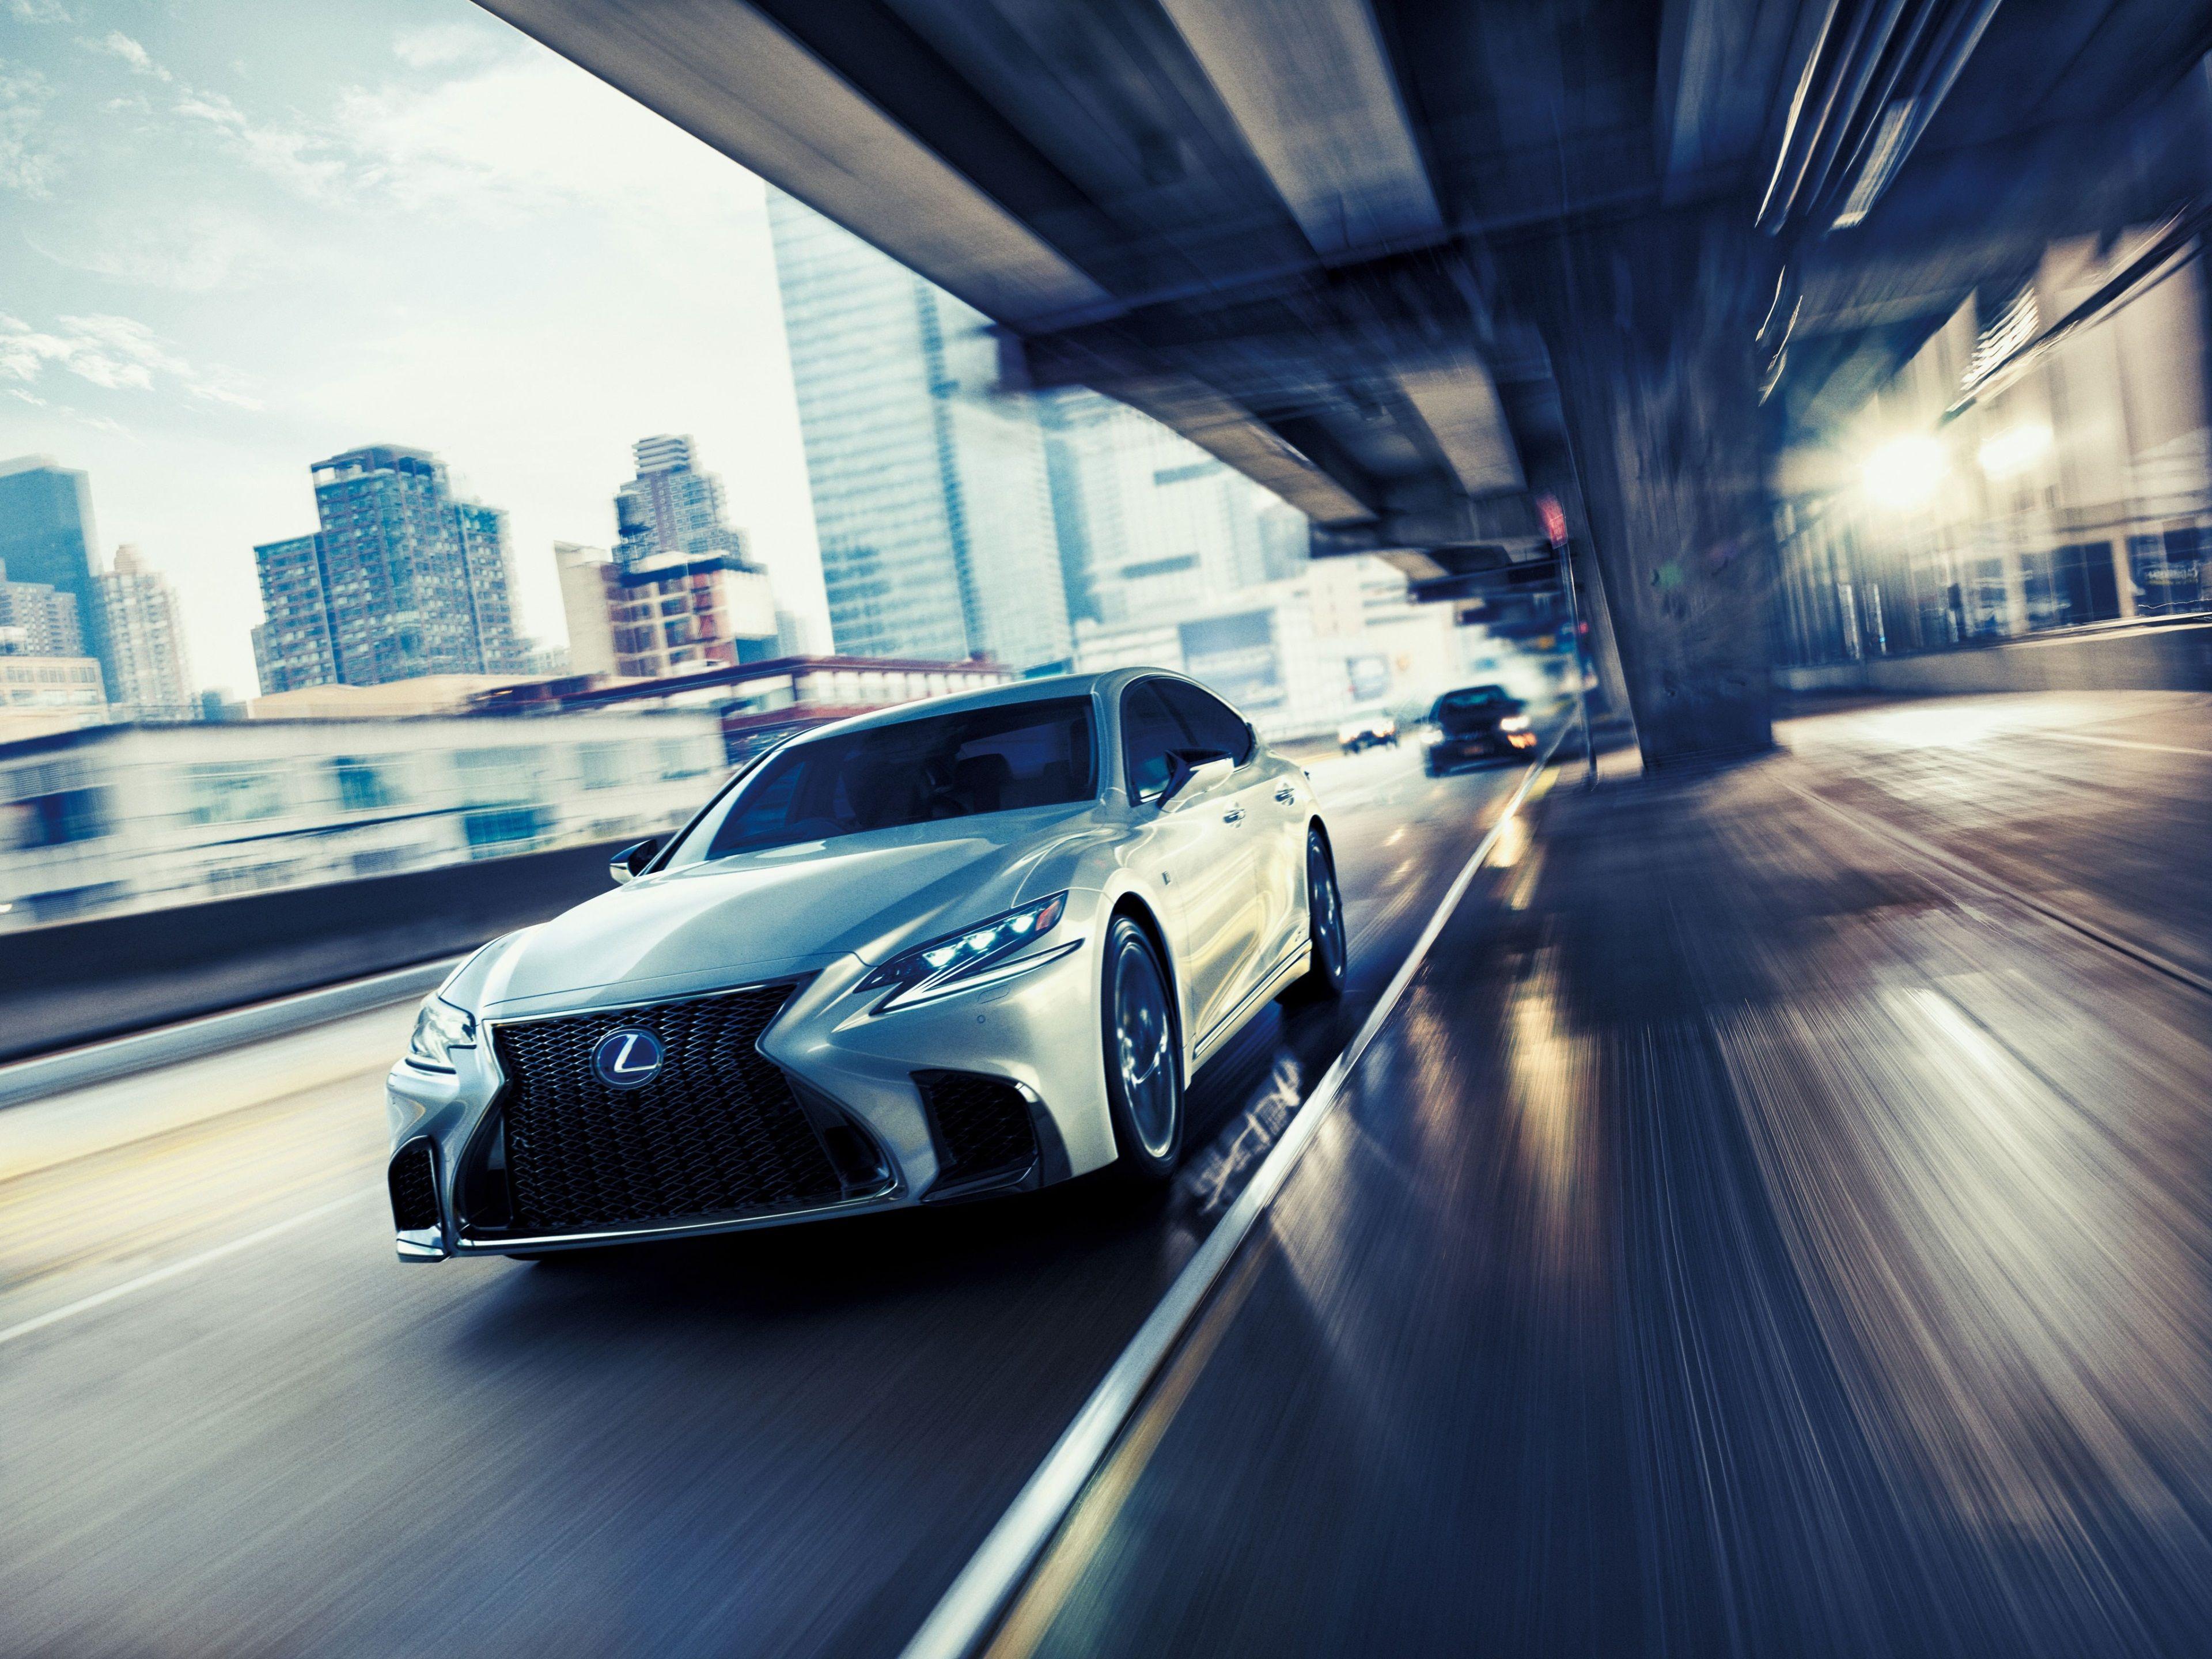 3840x2880 Lexus Ls 500 F Sport 4k Background Desktop Wallpaper